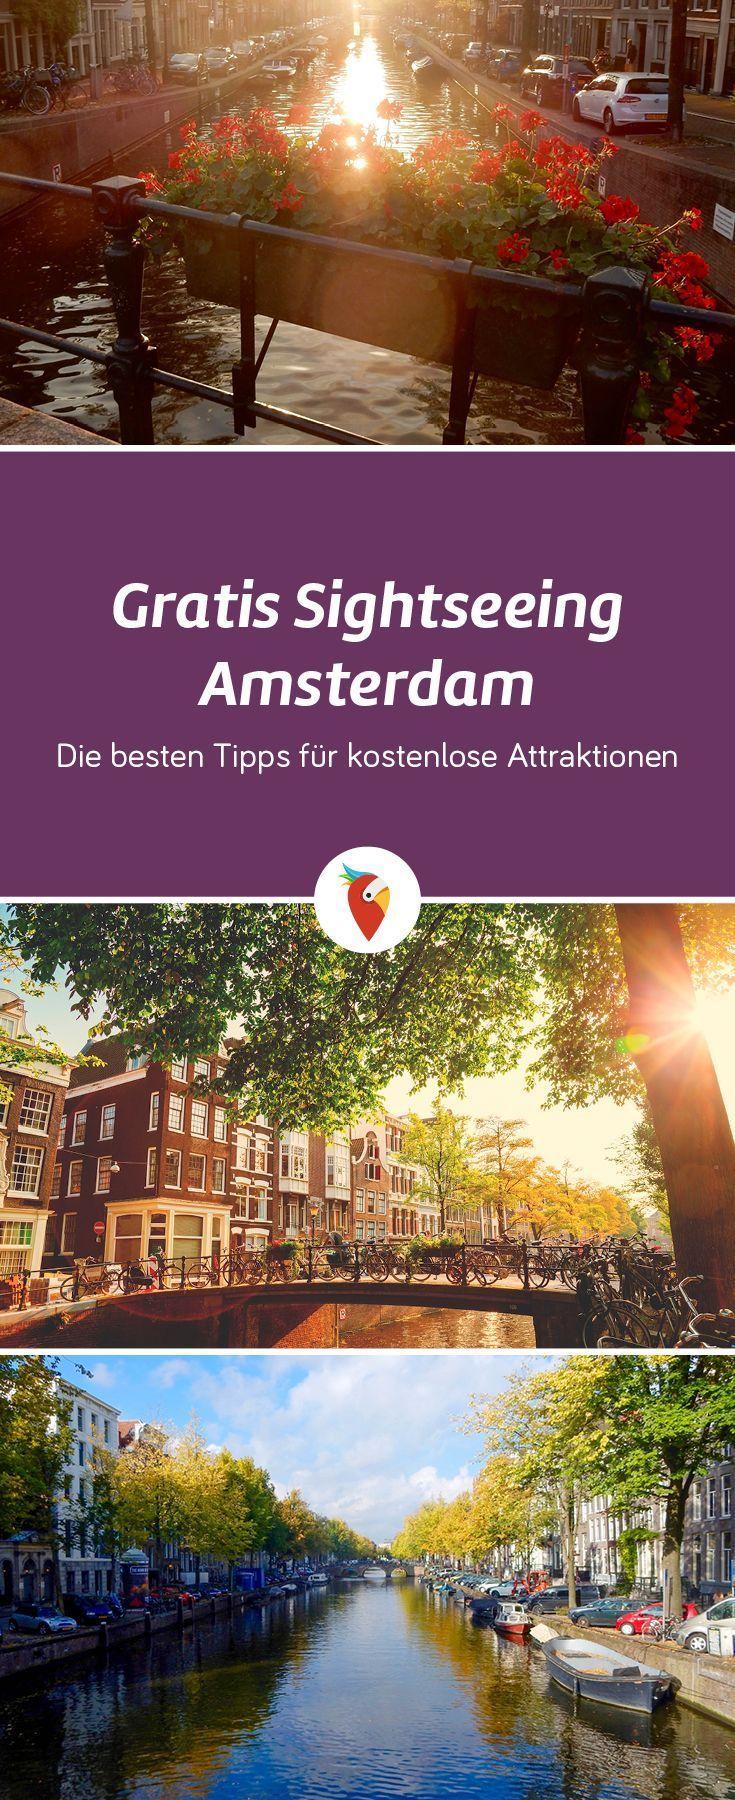 Turismo gratis Amsterdam: los mejores consejos para atracciones gratis